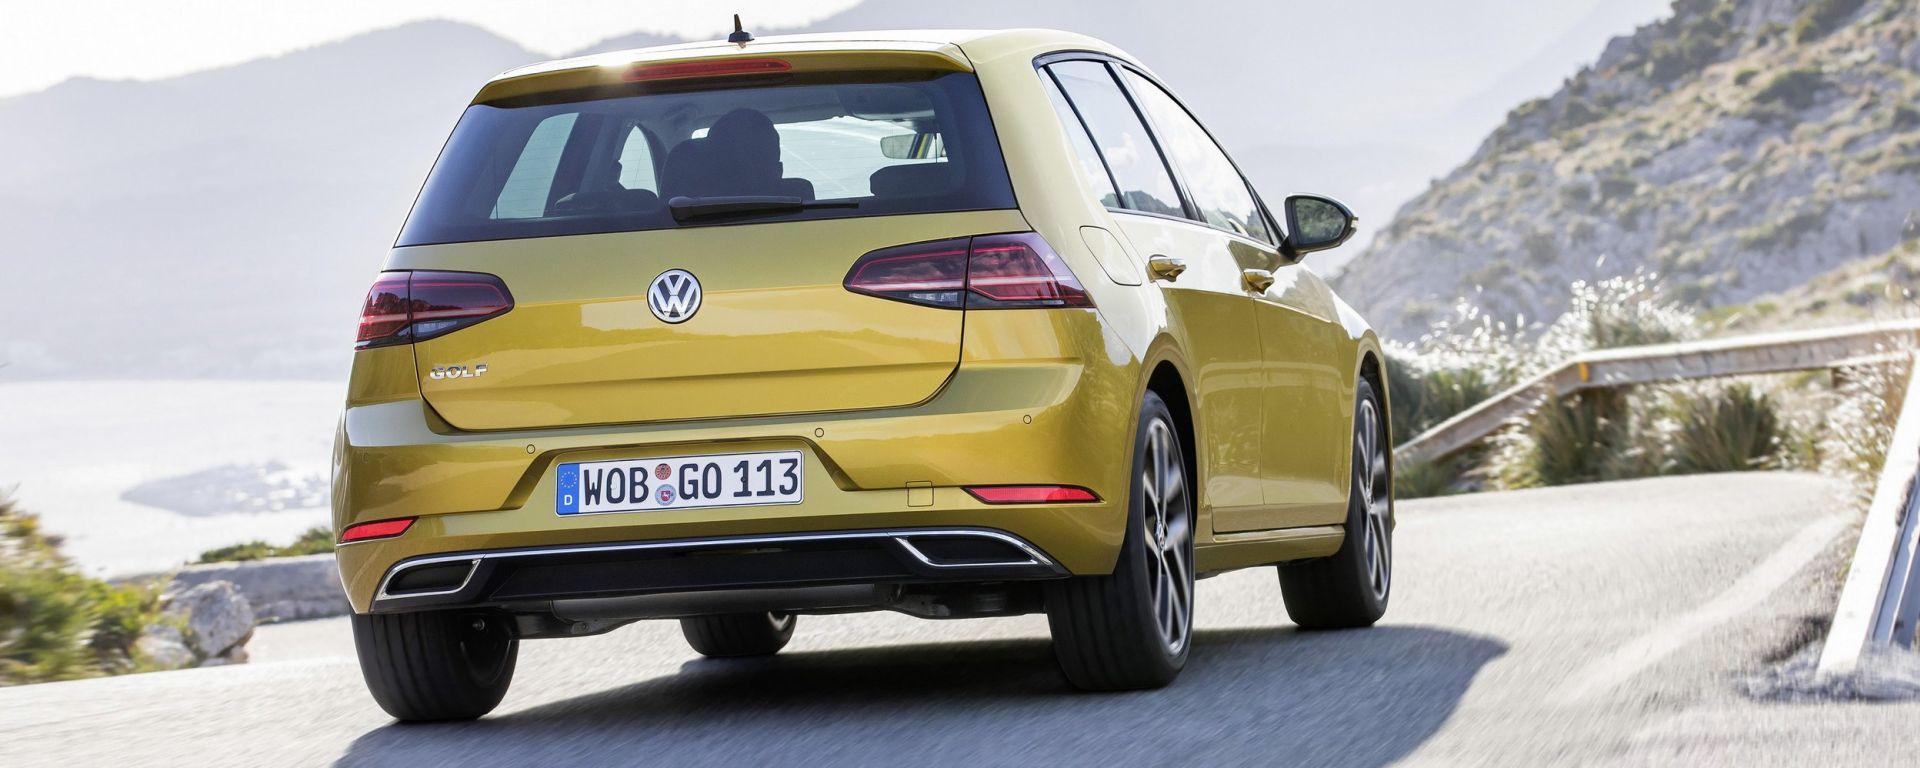 Vendite auto 2018: la top 20 per modello